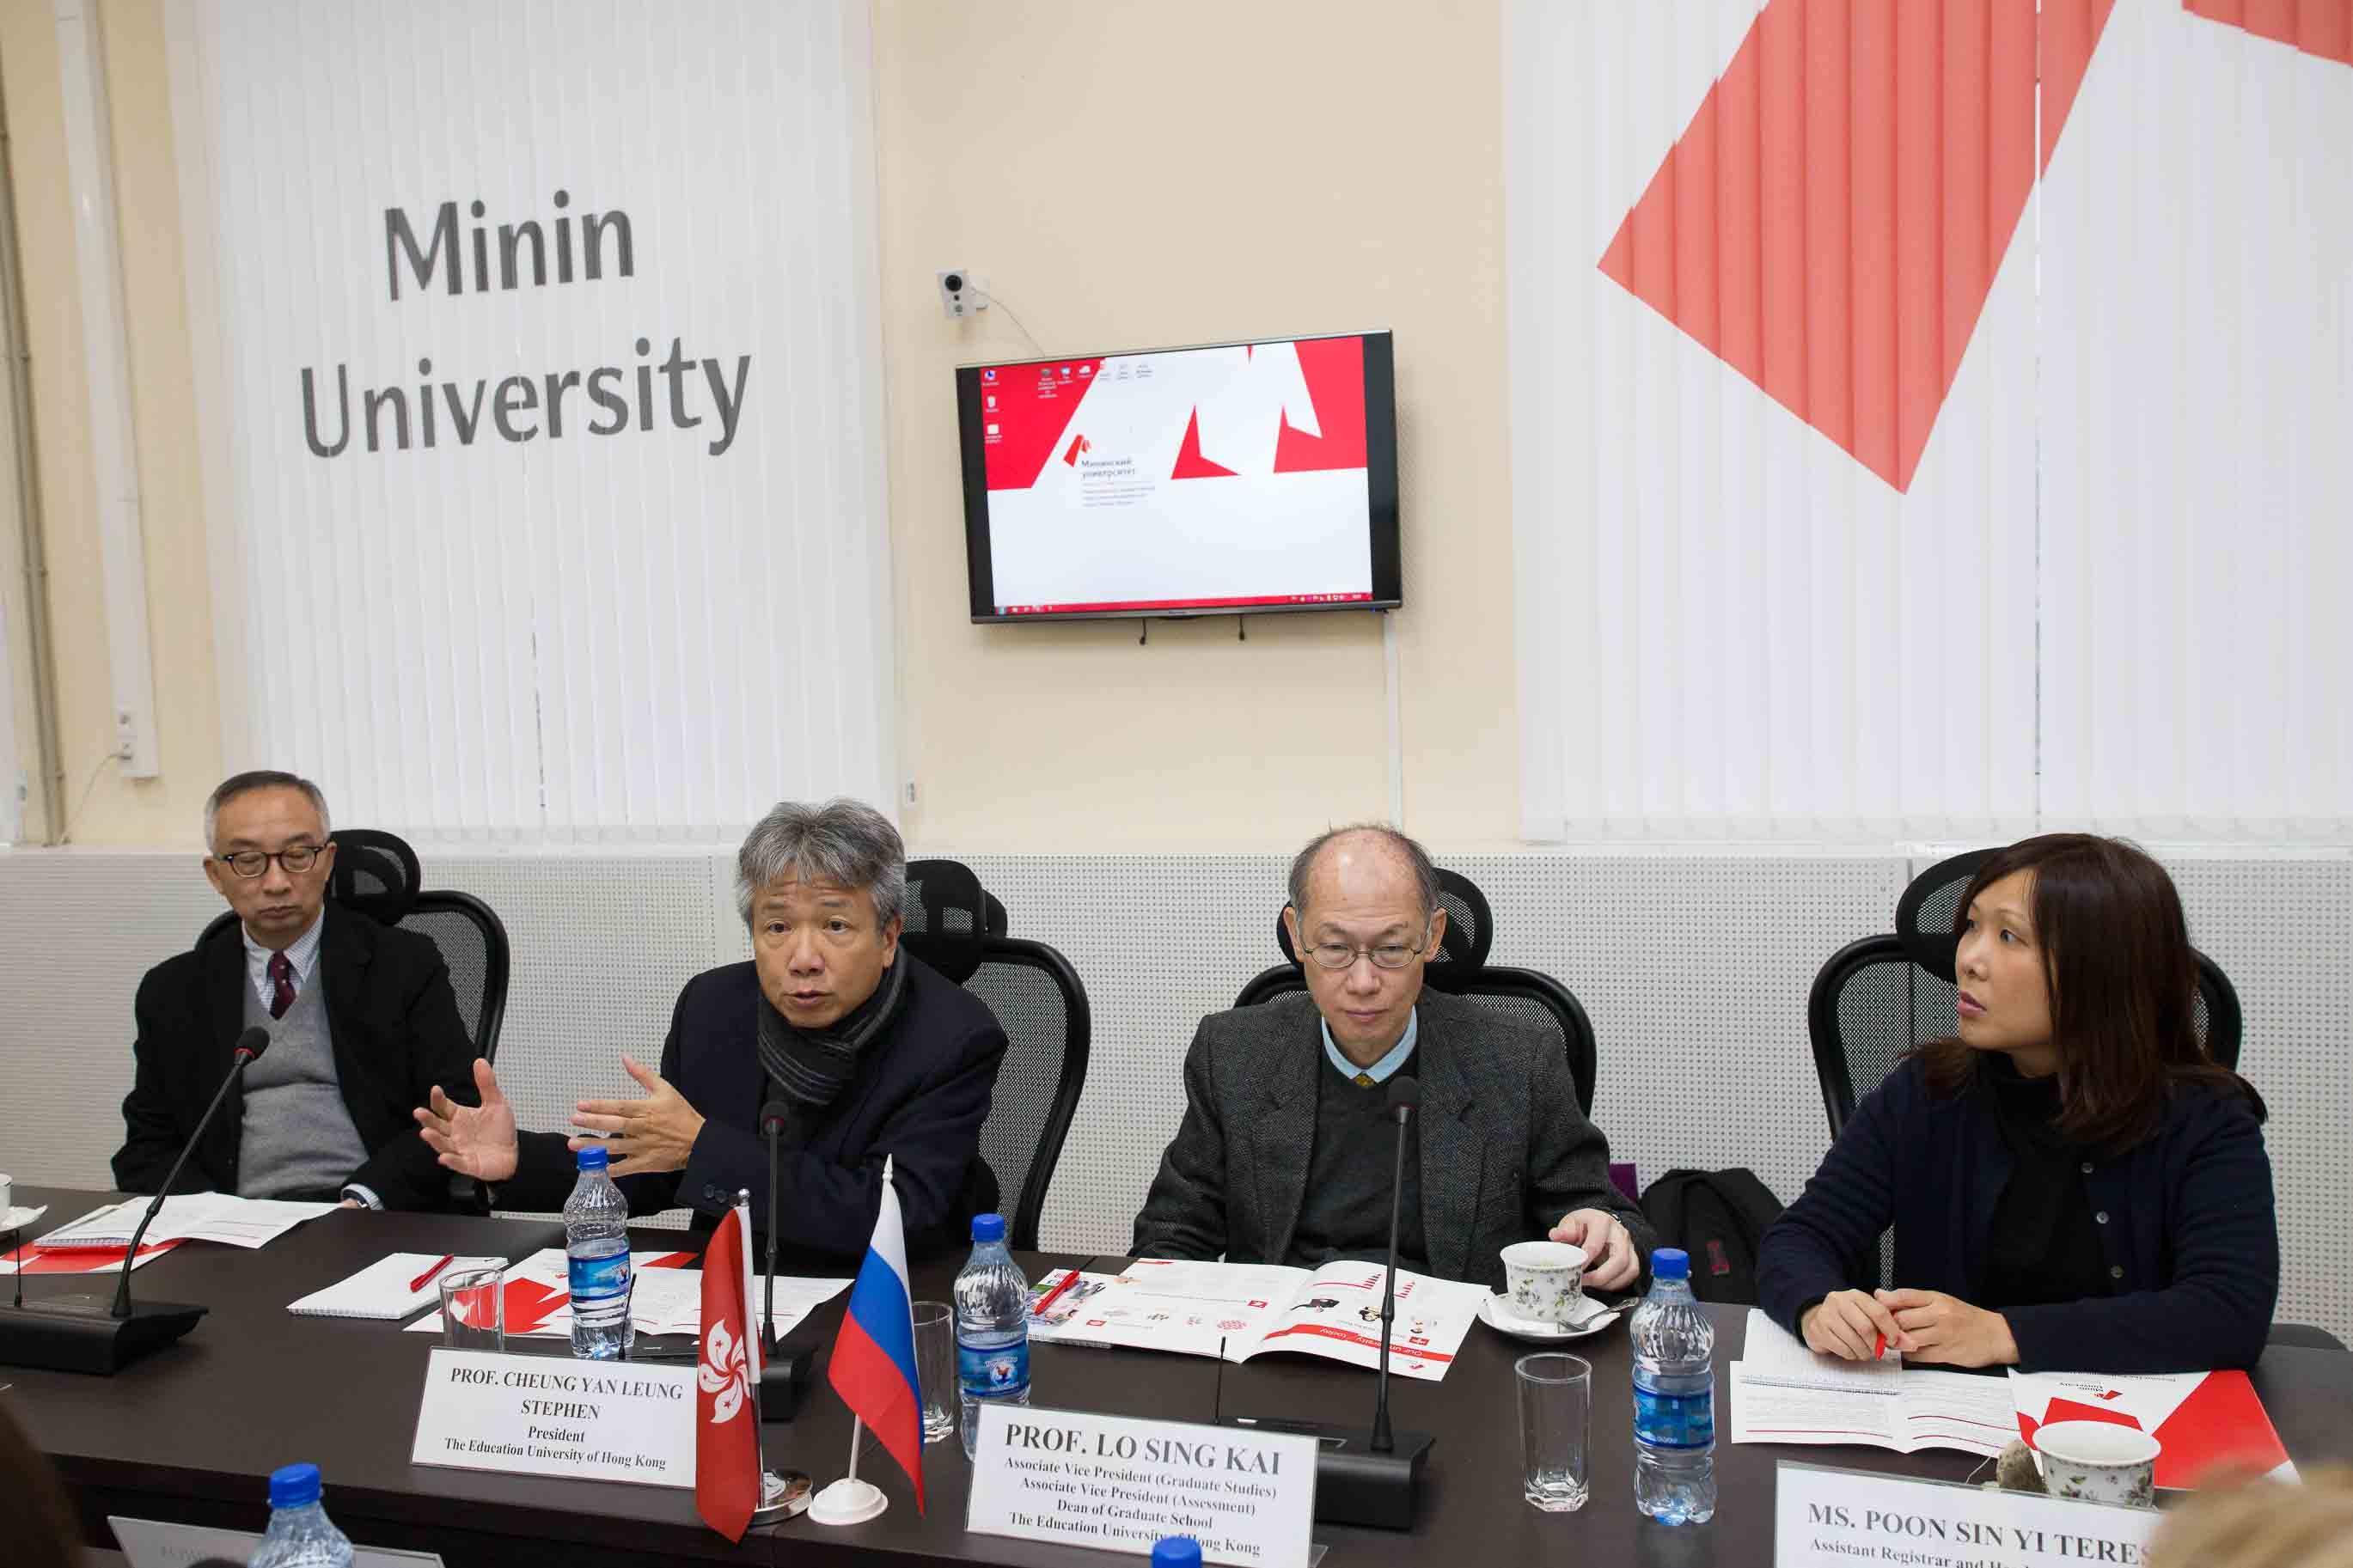 В рамках Научно-образовательного лектория выступят приглашенные профессора из Университета образования Гонконга